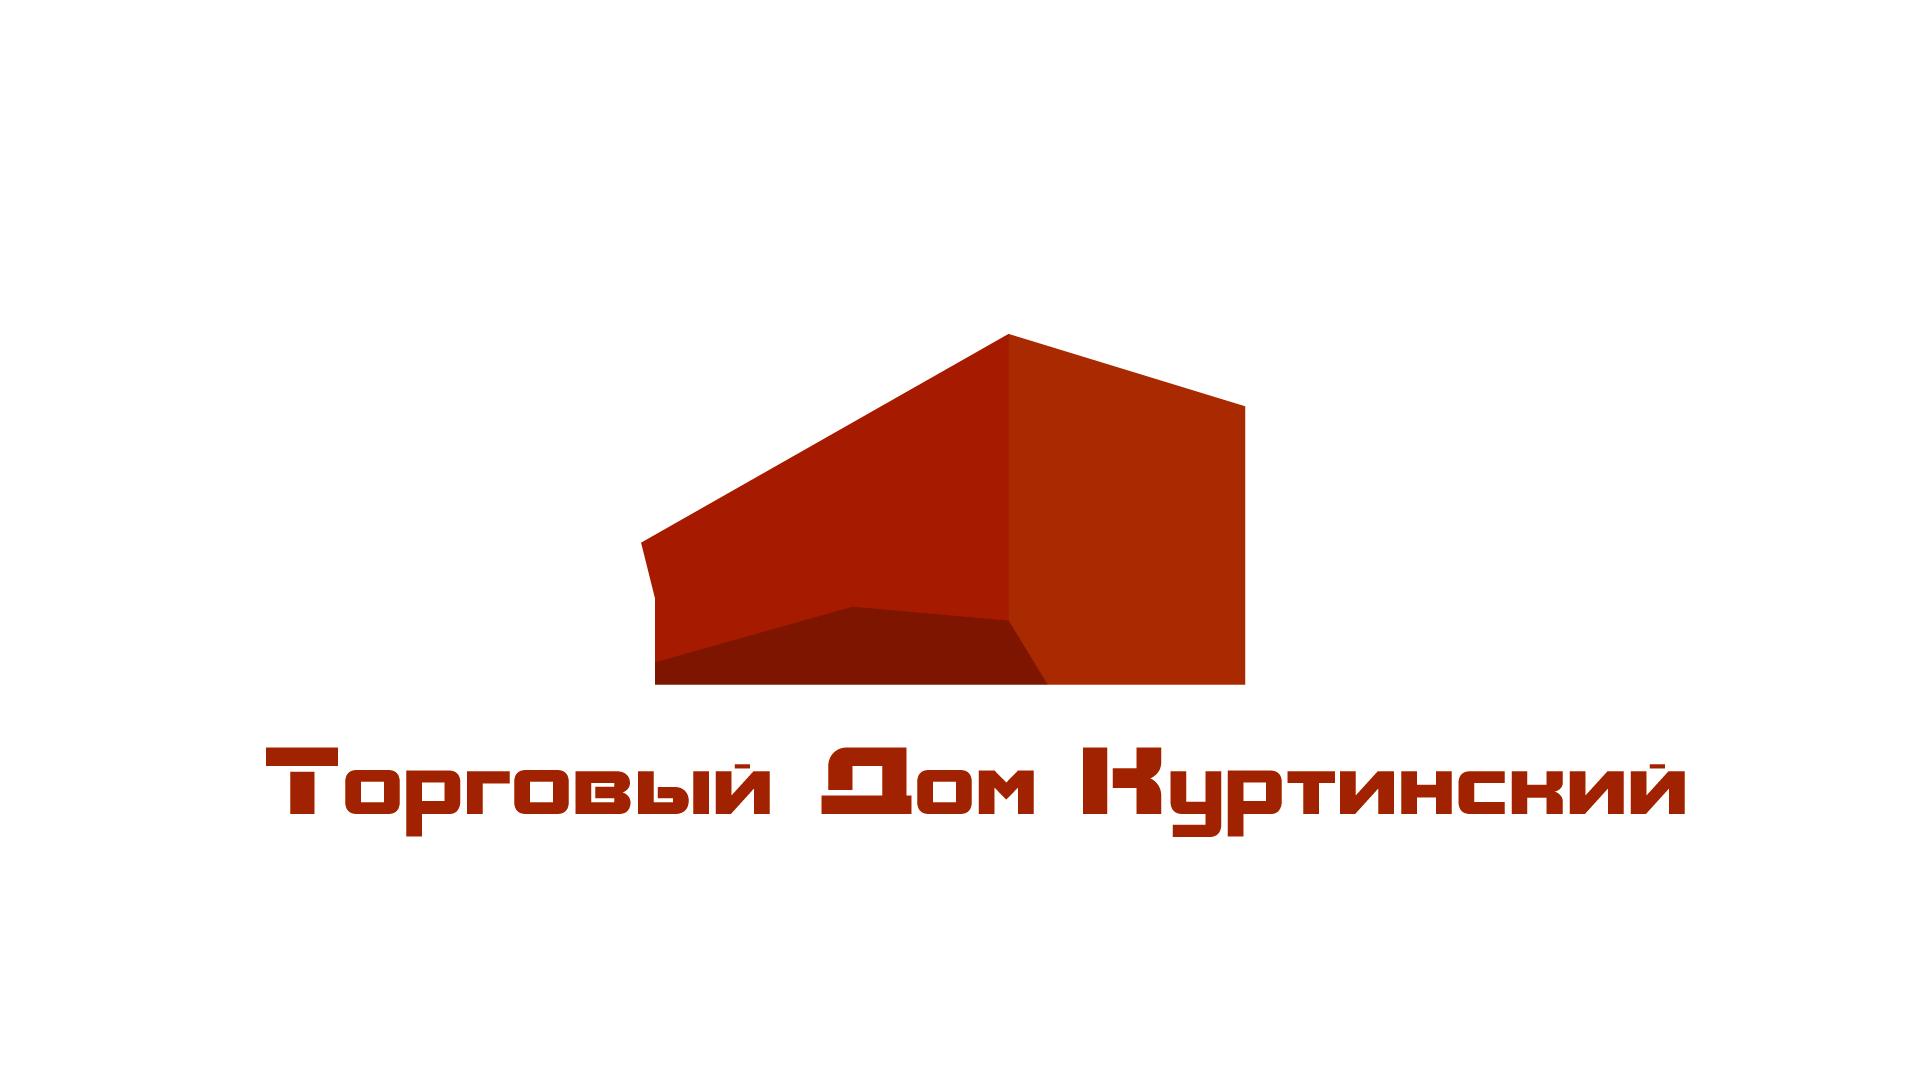 Логотип для камнедобывающей компании фото f_3555b9bd638cc3c9.png